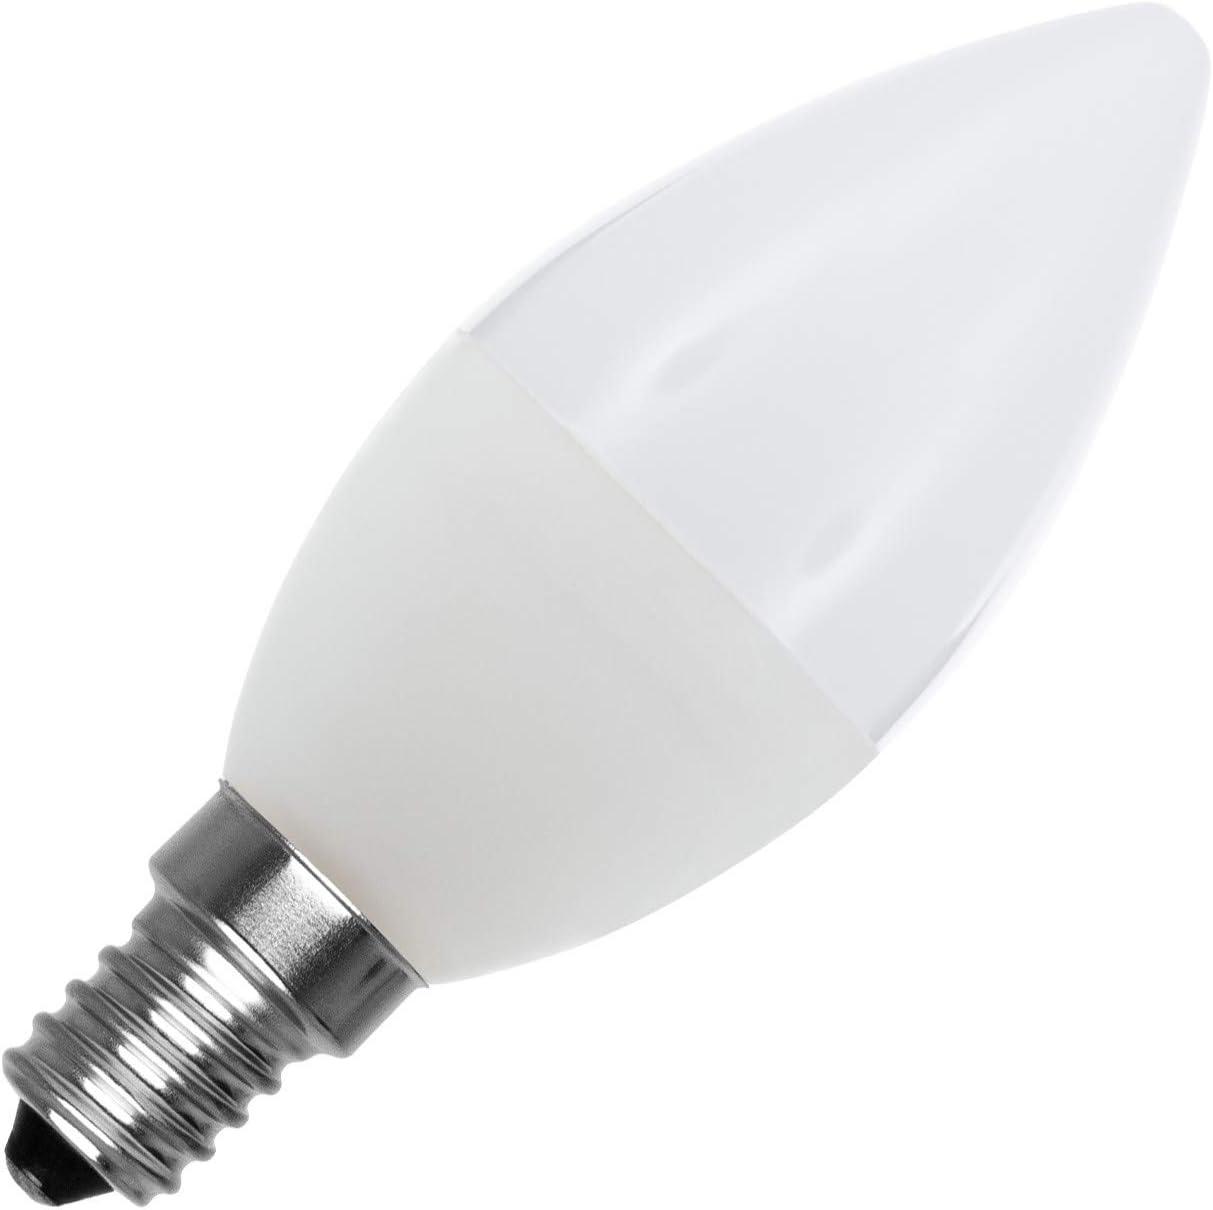 Bombilla LED E14 Casquillo Fino C37 5W Blanco Frío 6000K - 6500K